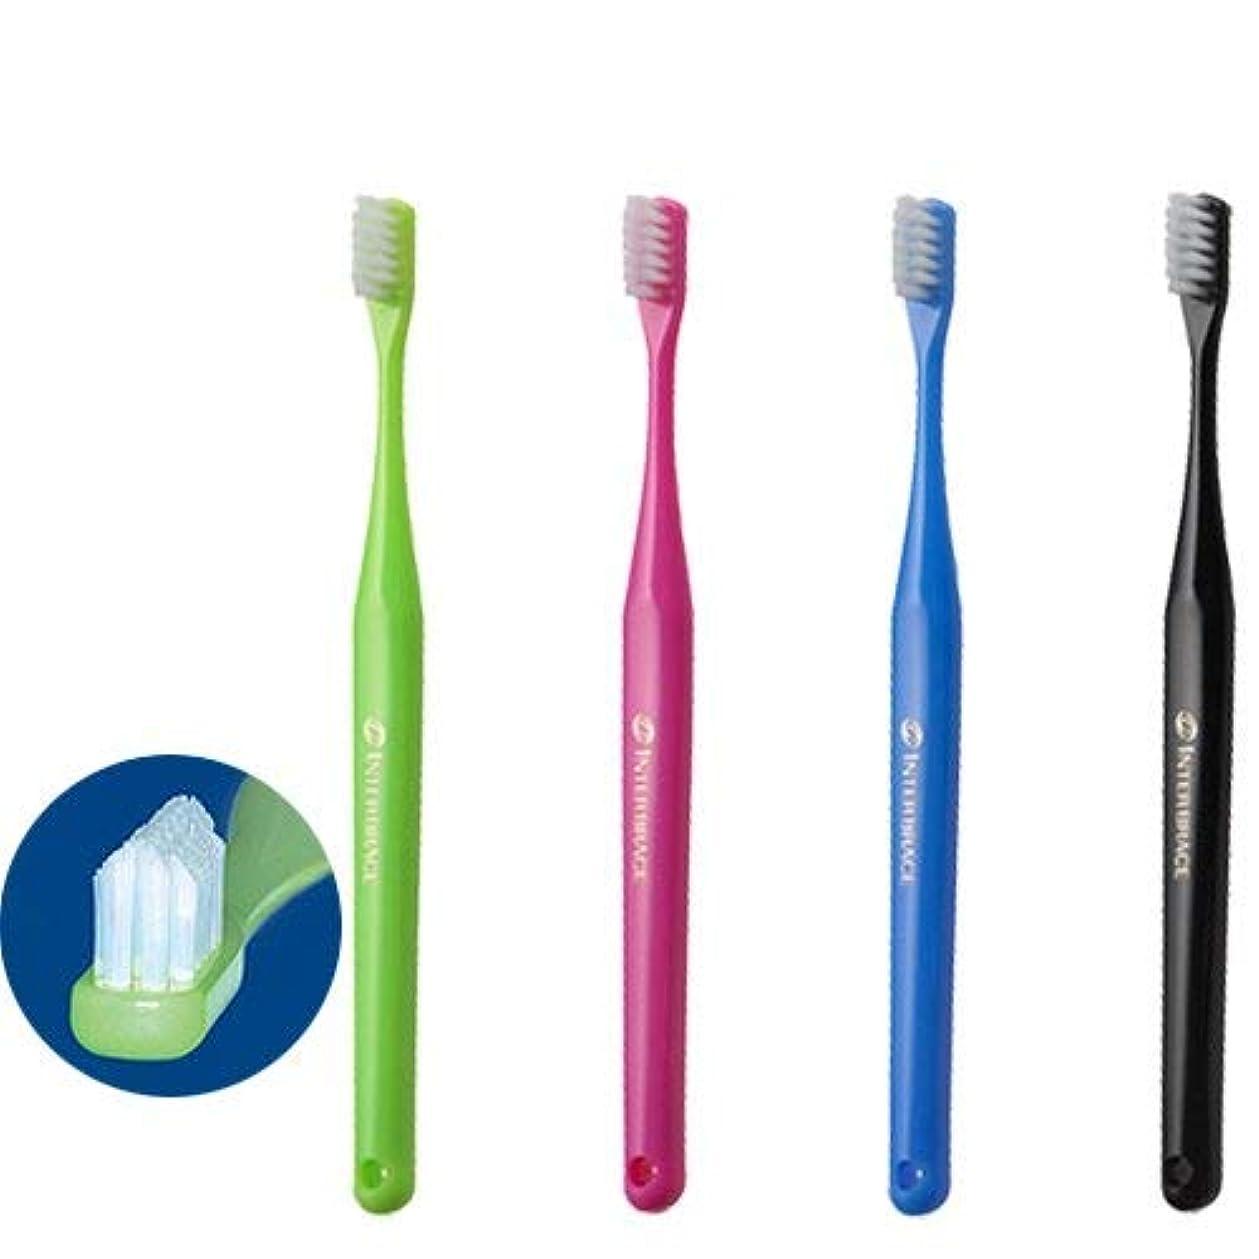 リスまどろみのある流インターブレイス (INTER BRACE) ×8本 矯正用歯ブラシ 歯科医院取扱品